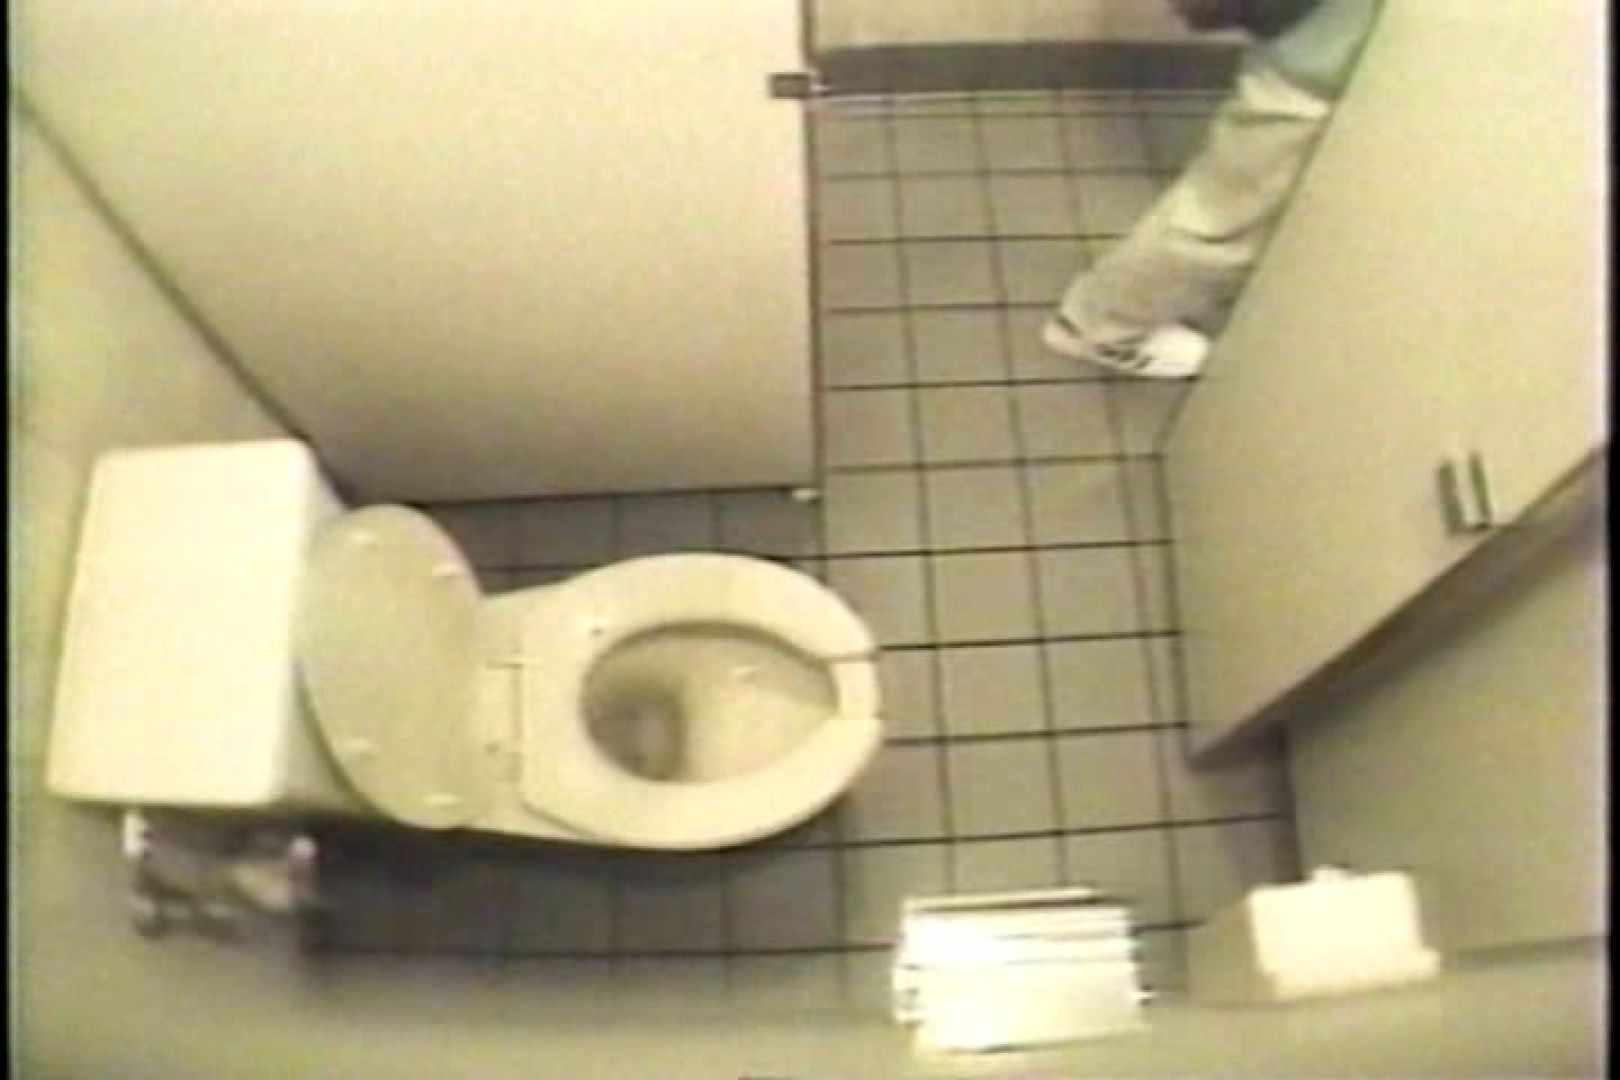 盗撮 女子洗面所3ヶ所入ってしゃがんで音出して 洗面所 盗み撮りAV無料動画キャプチャ 67pic 55